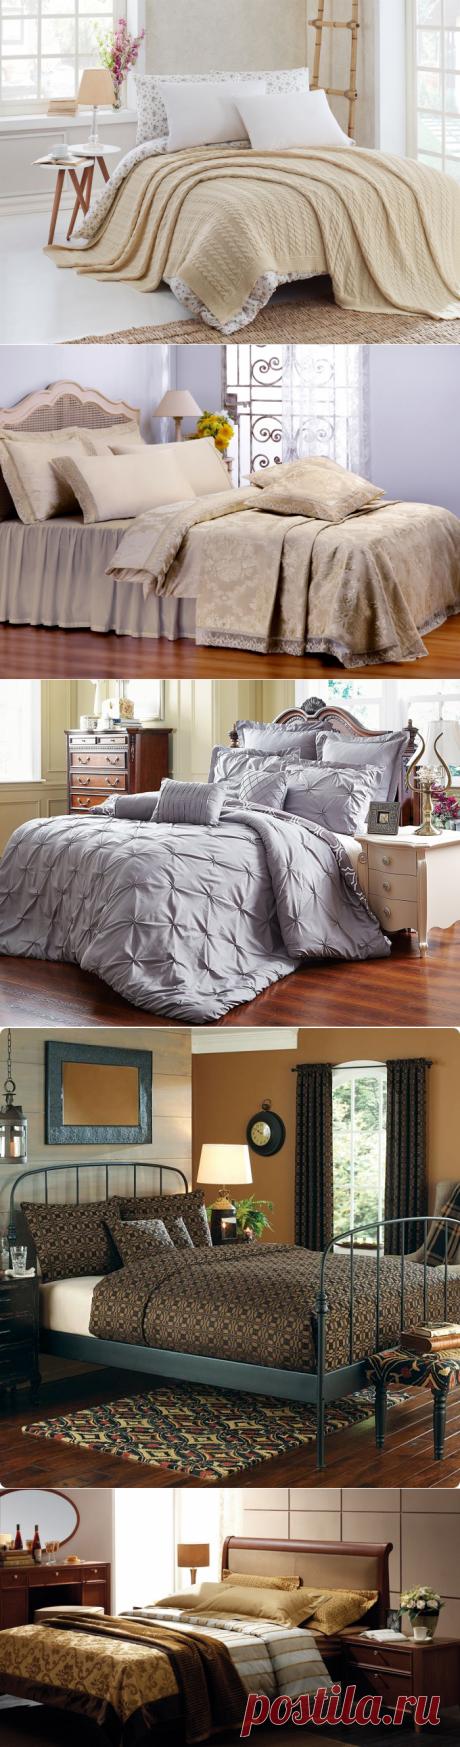 Как красиво заправить кровать.Взять на заметку!